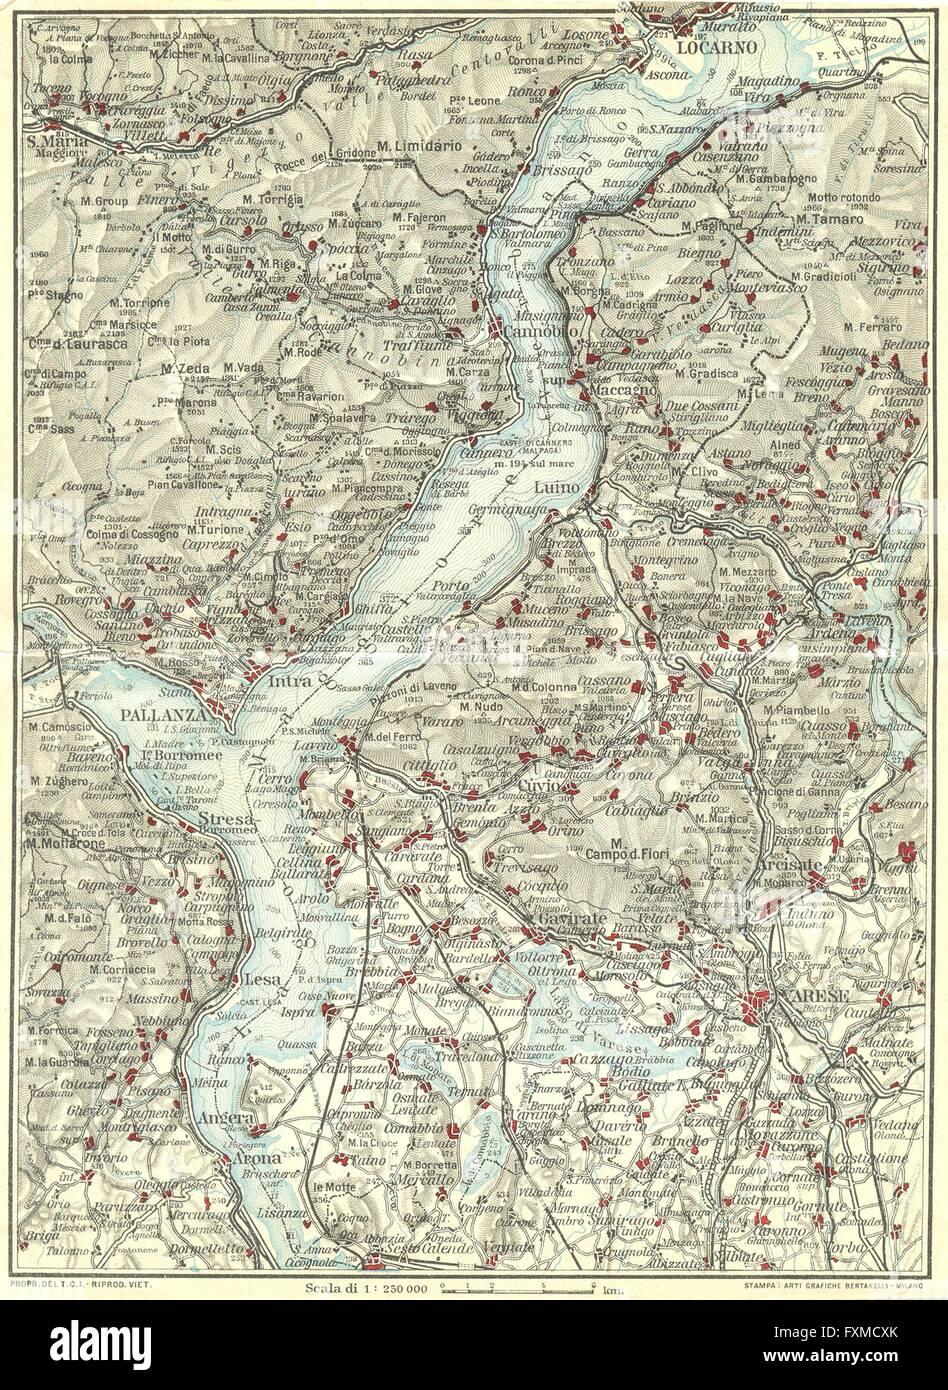 LAKE LAGO MAGGIORE Locarno Varese Pallanza Vintage map plan Italy